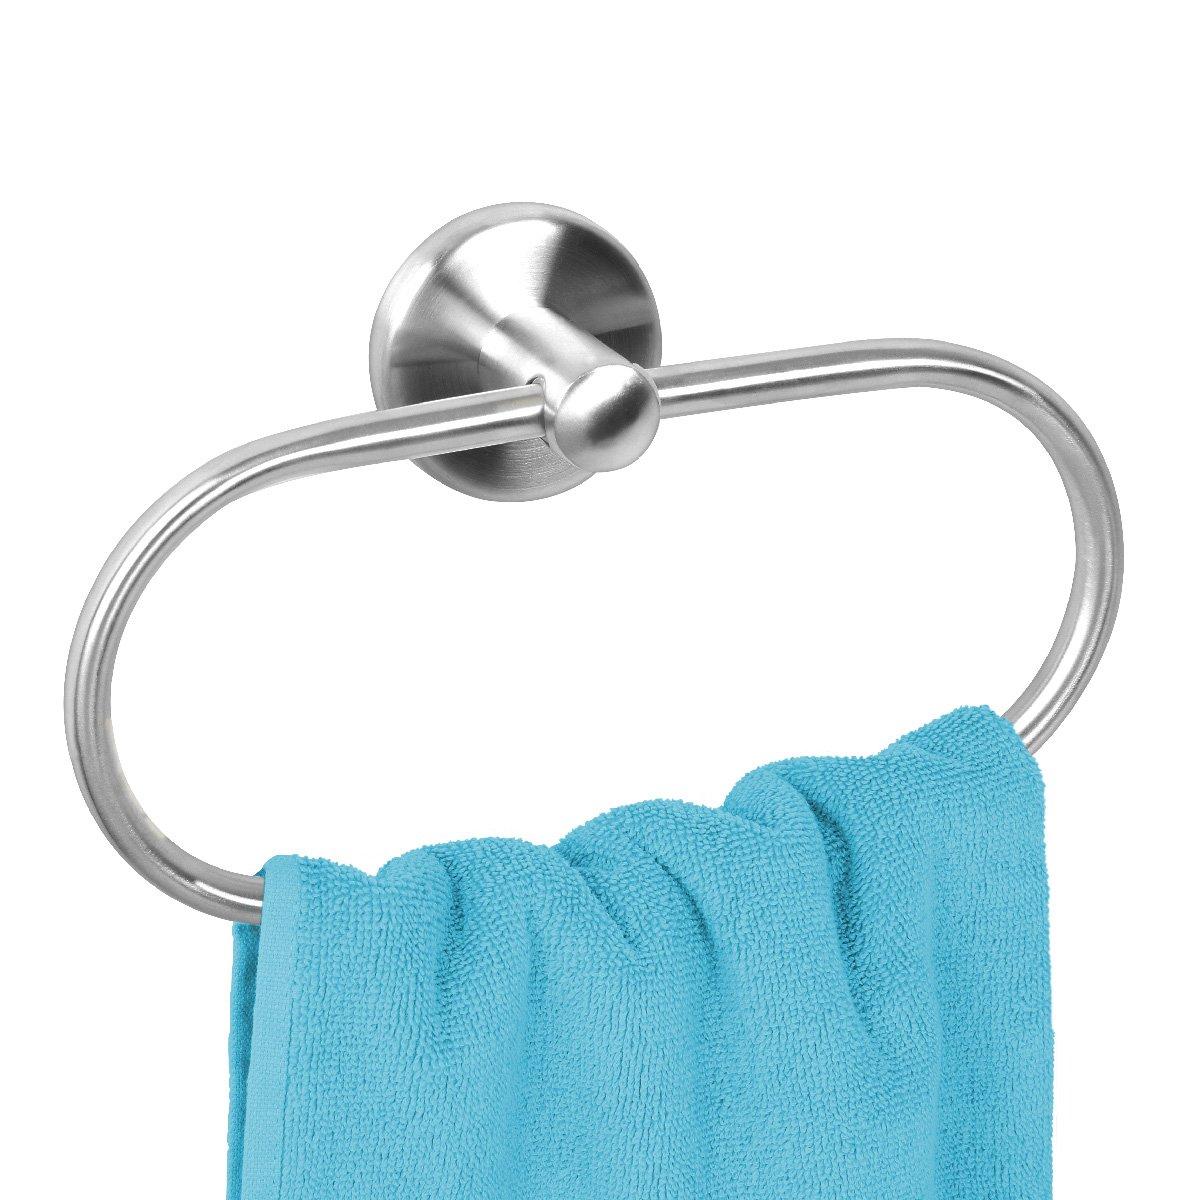 bremermann® PIAZZA Bathroom Series - Hand Towel Ring, matte stainless steel 9423